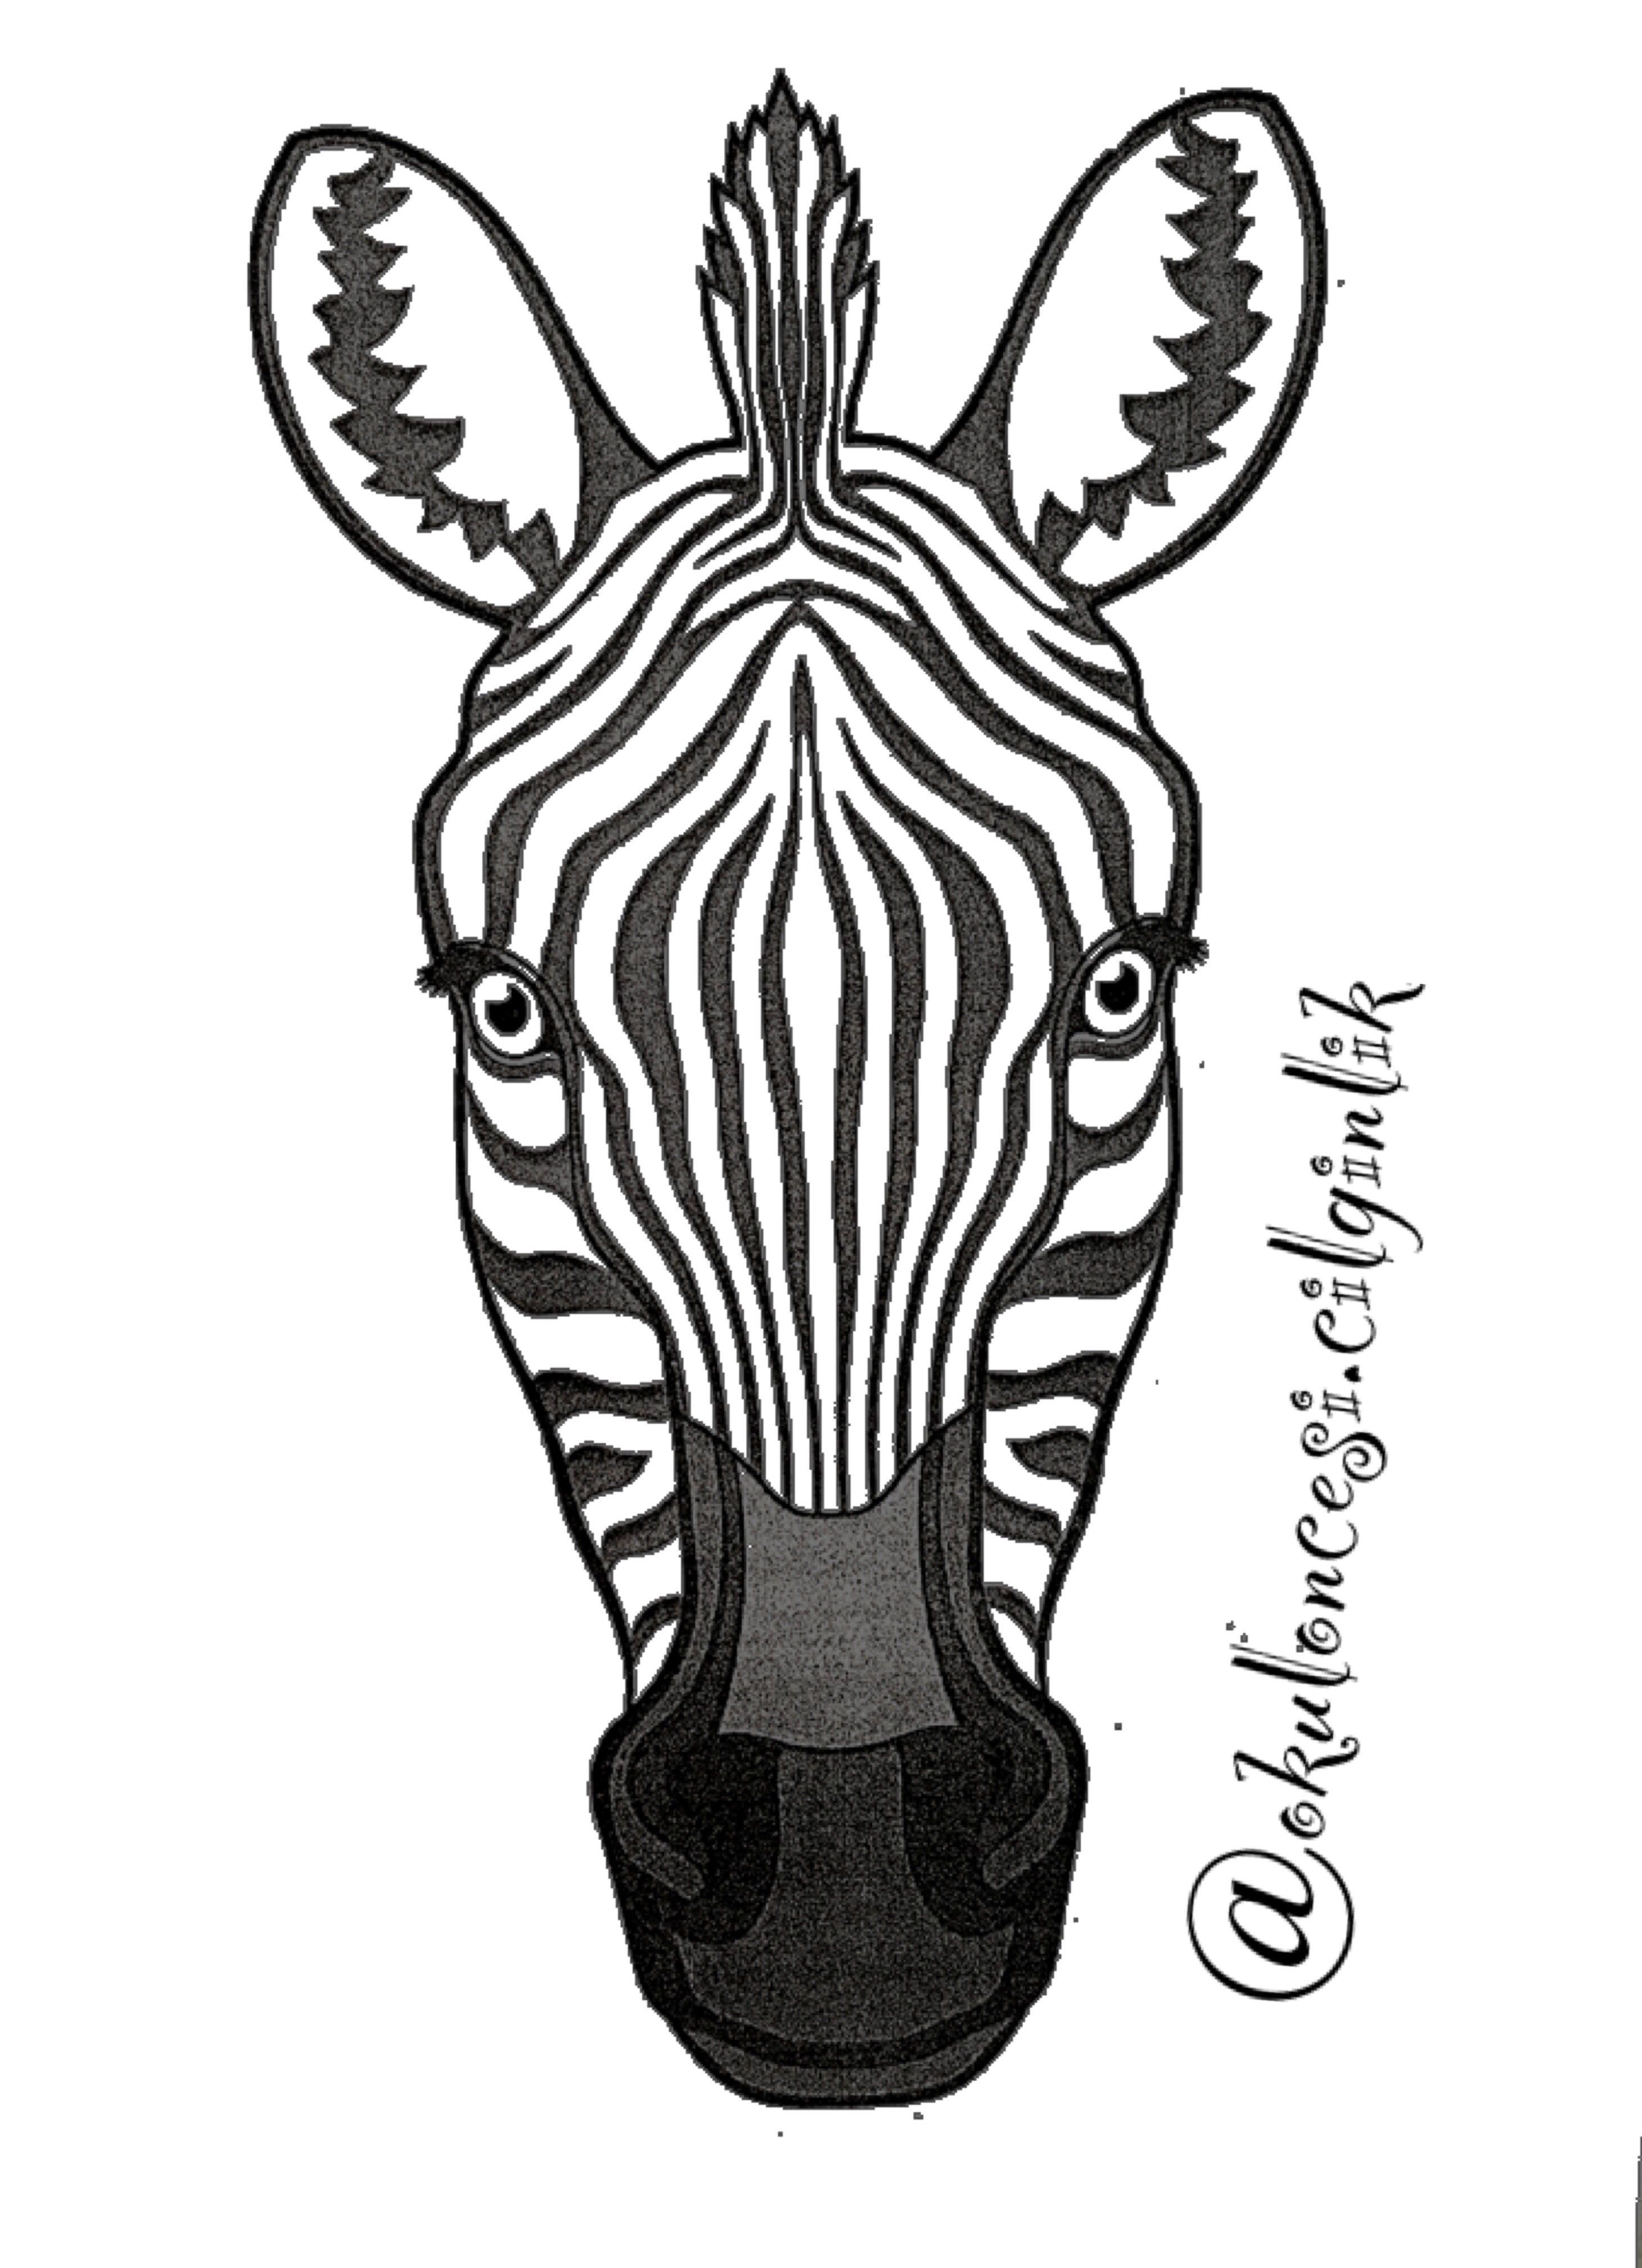 Basak Unluer Ozberk Adli Kullanicinin Zebra Panosundaki Pin 3d